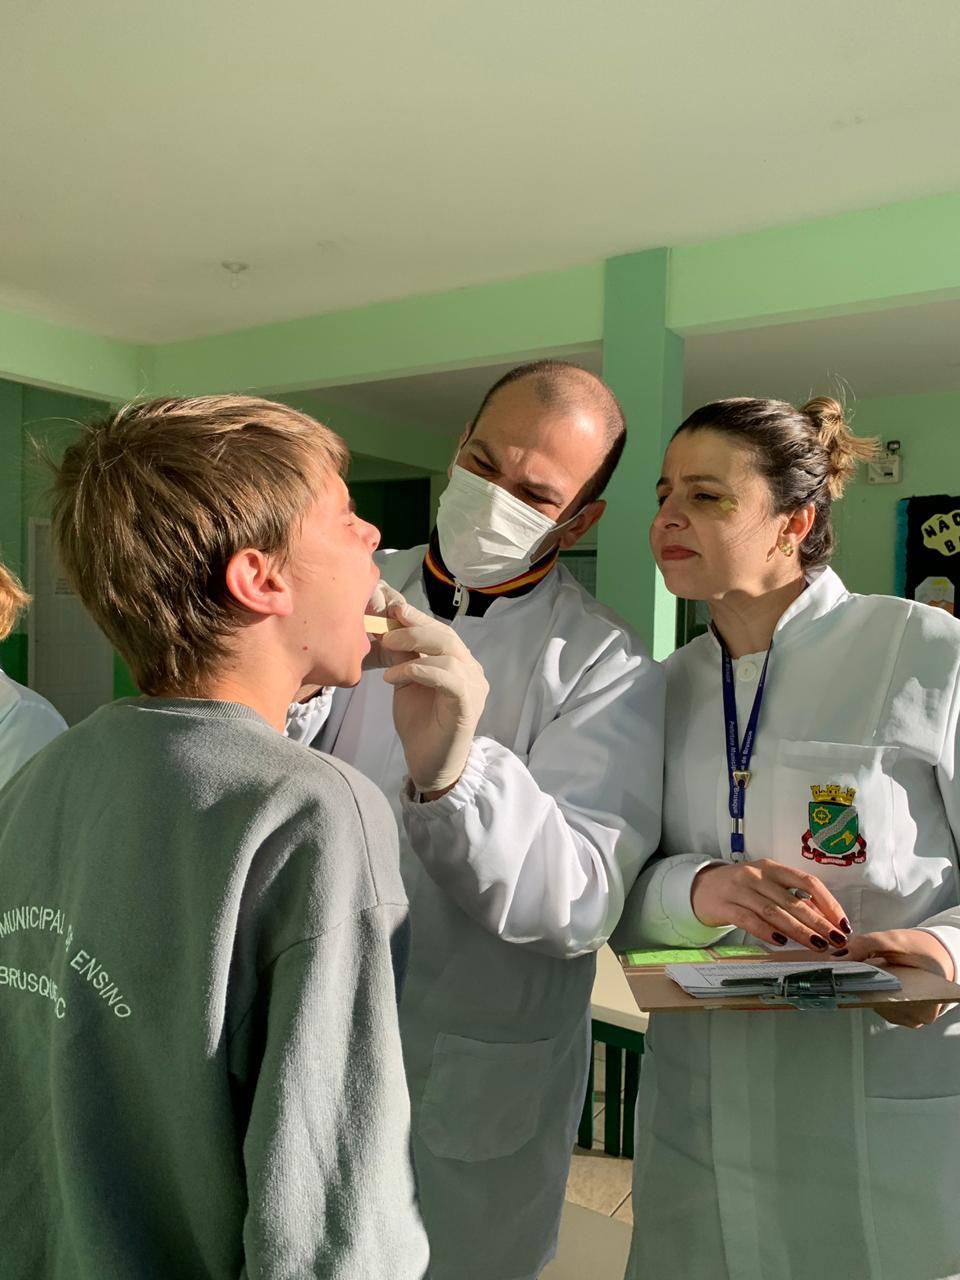 Levantamento Epidemiológico da cárie dental vai percorrer educandários de Brusque até outubro